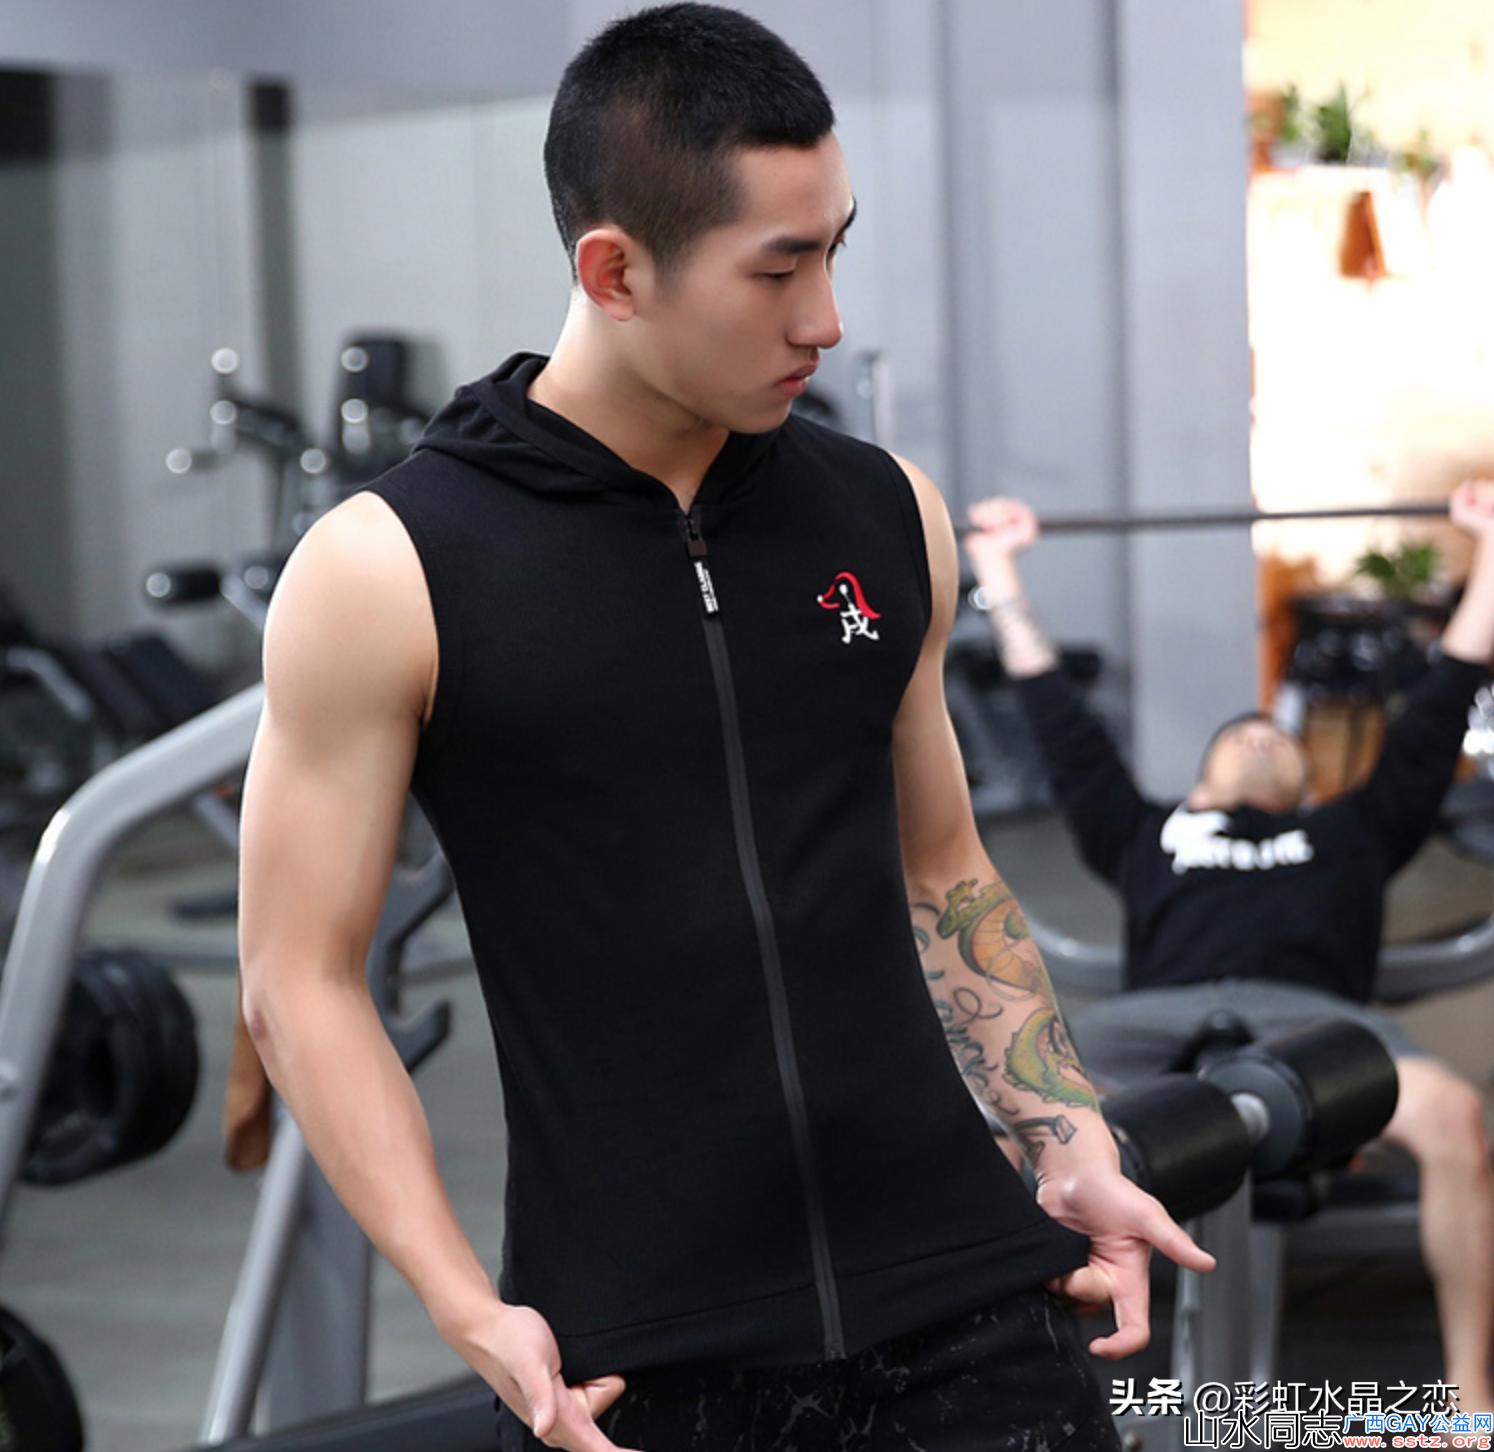 这位喜欢健身的男生显得可爱俏皮又帅气身材又有男人味,你喜欢吗?